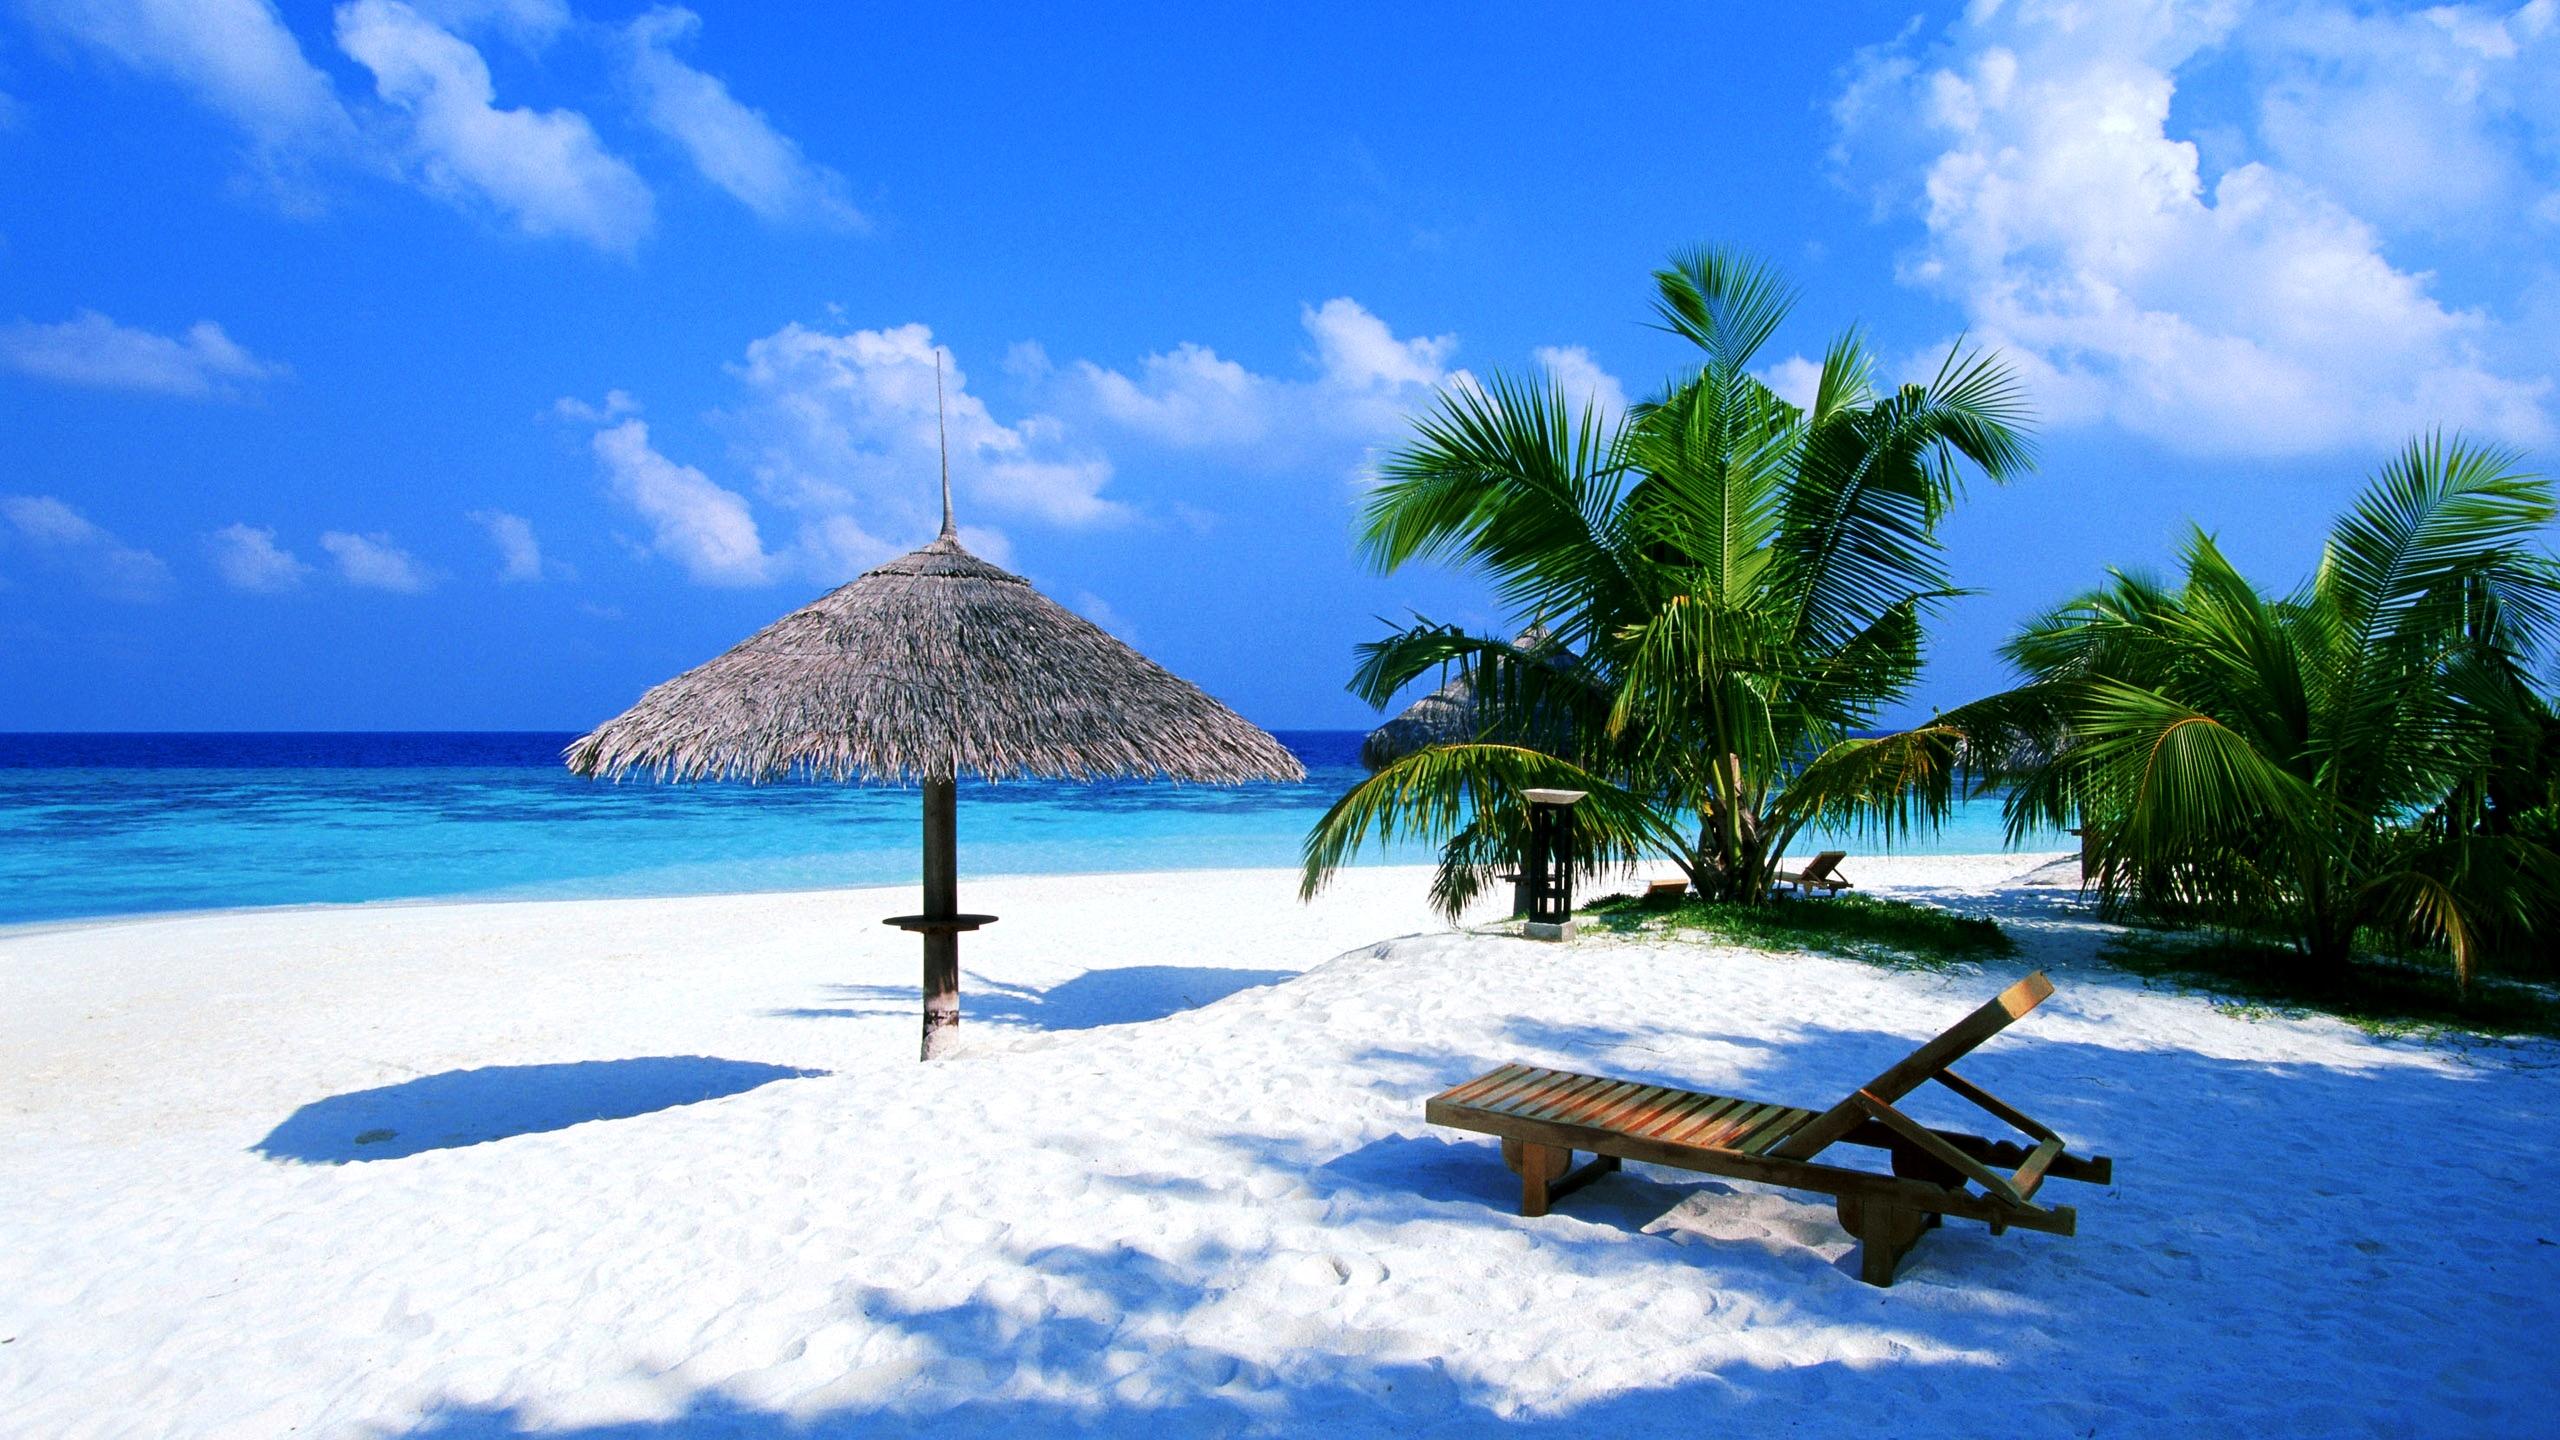 Desktop Wallpaper Beach Scenes Summer Beach photos Desktop 2560x1440